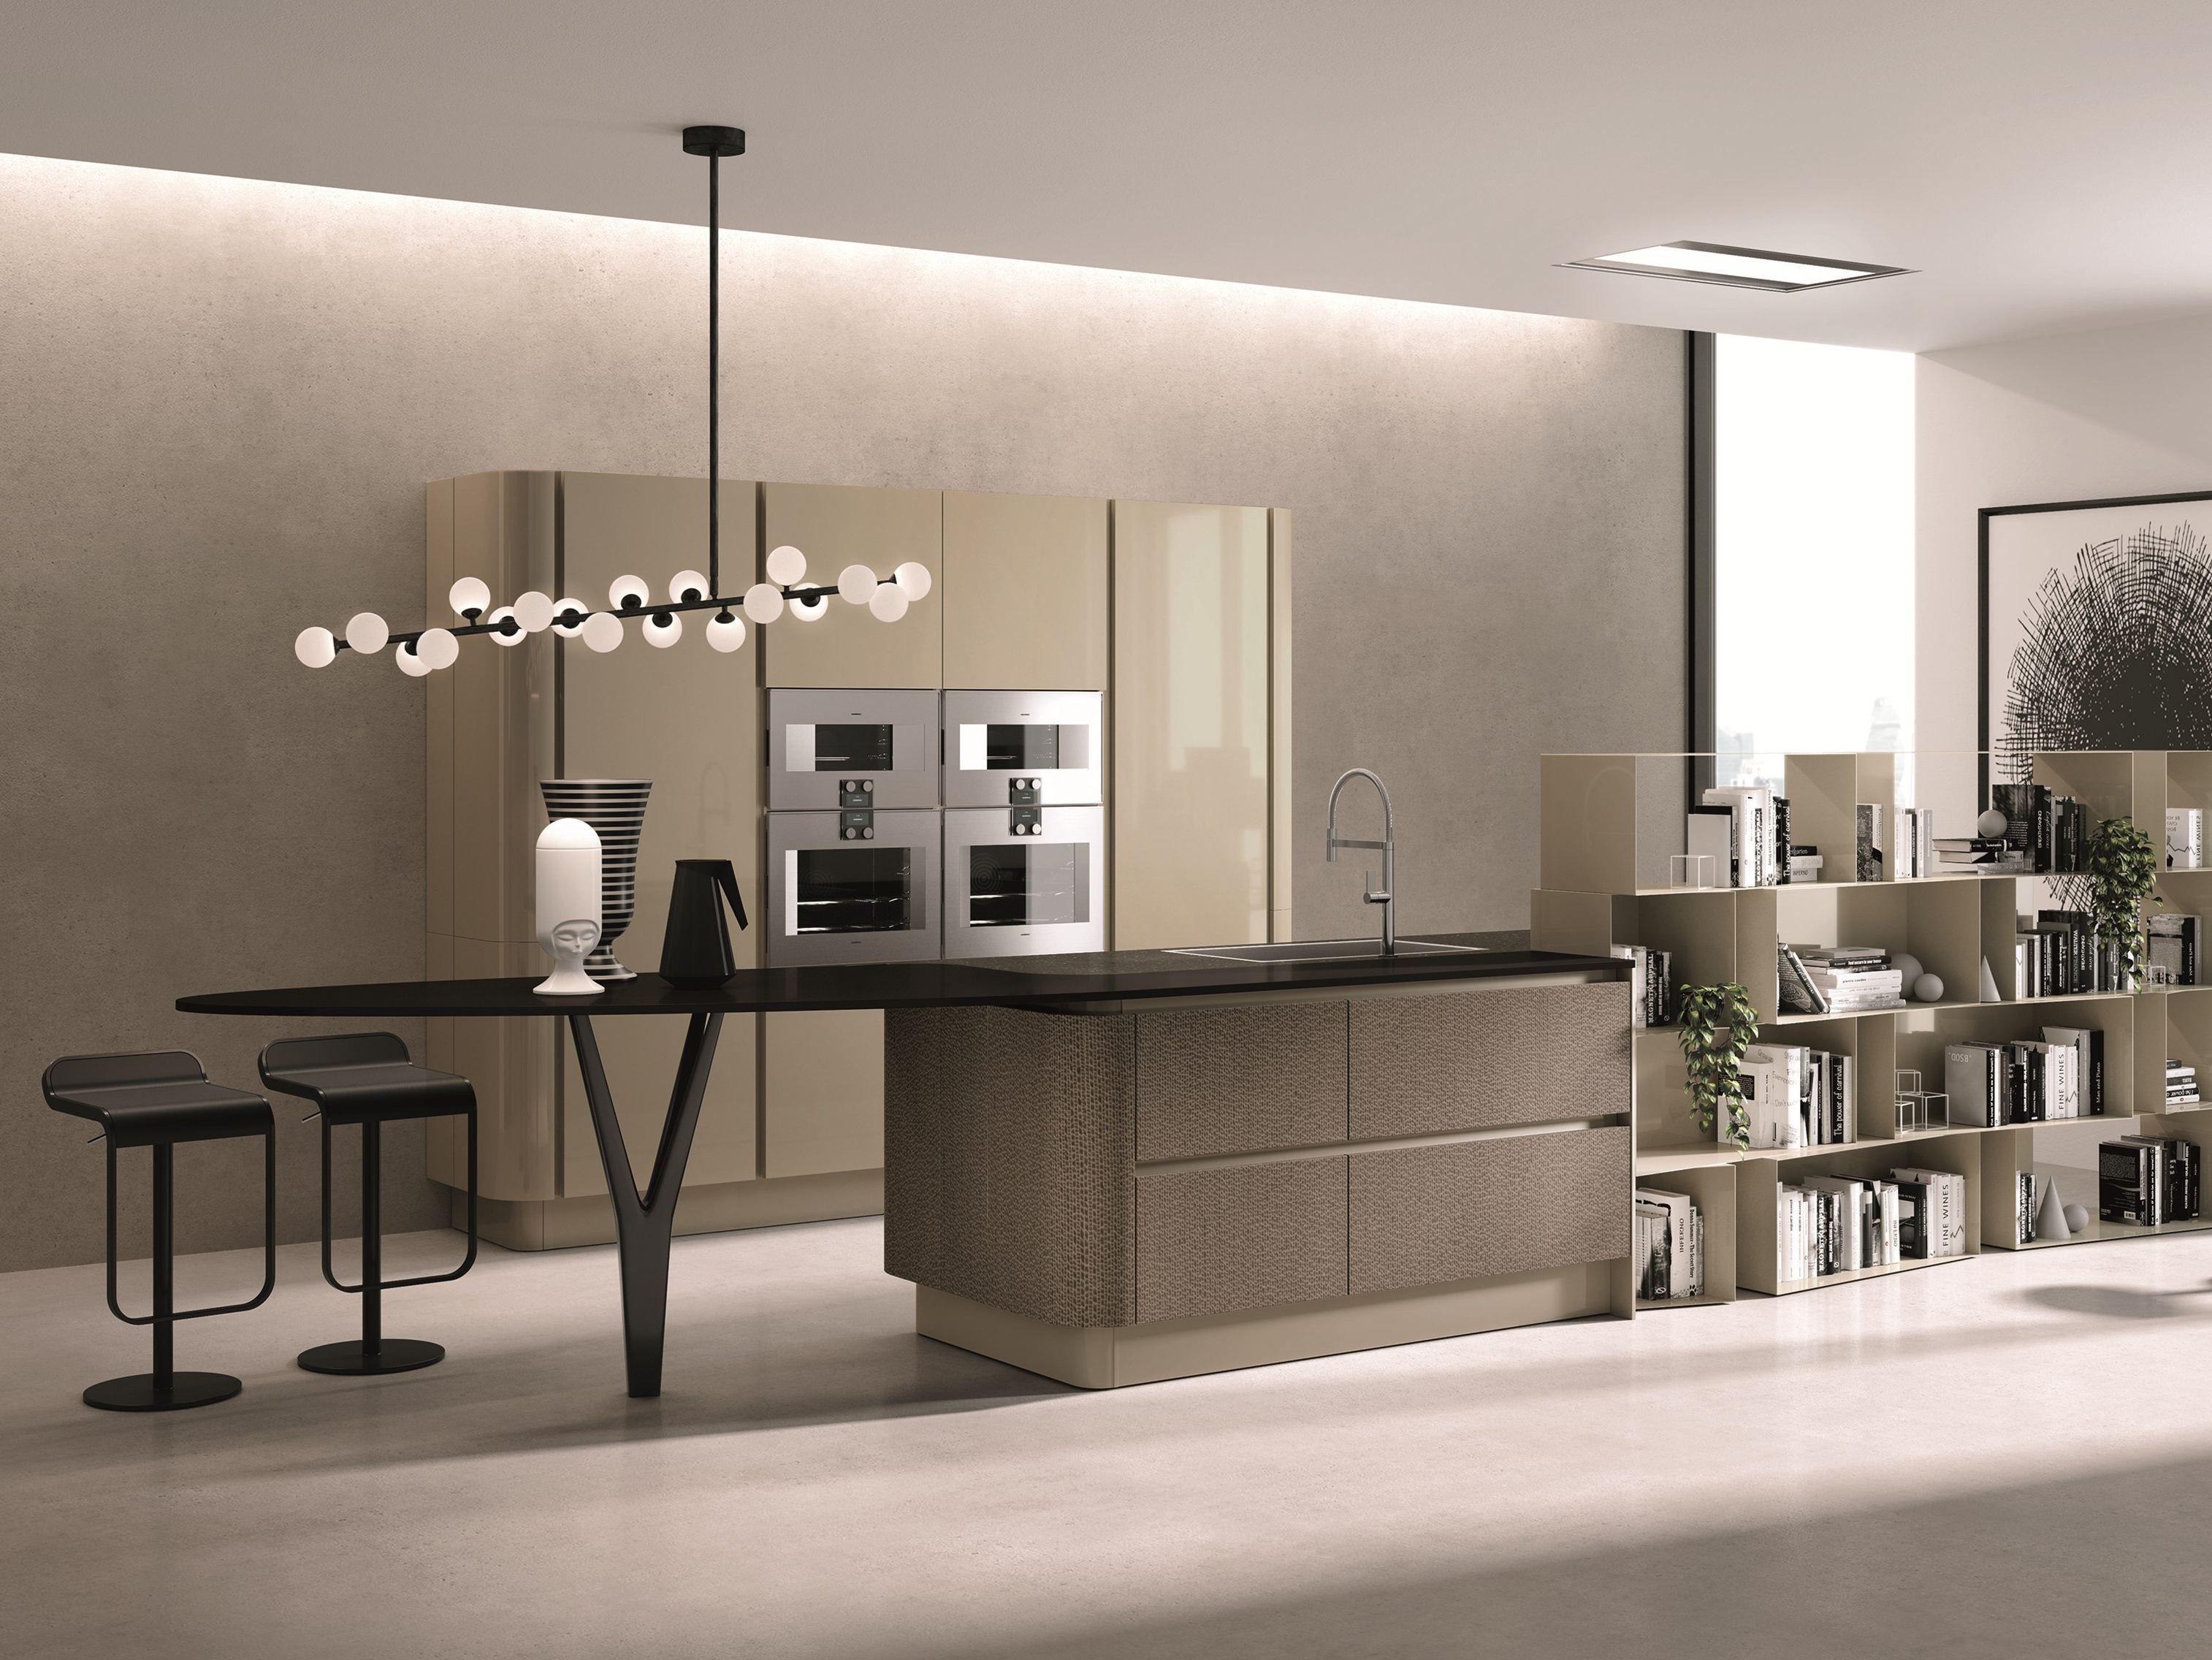 Domina cucina con isola by aster cucine design lorenzo granocchia - Cucine aster prezzi ...